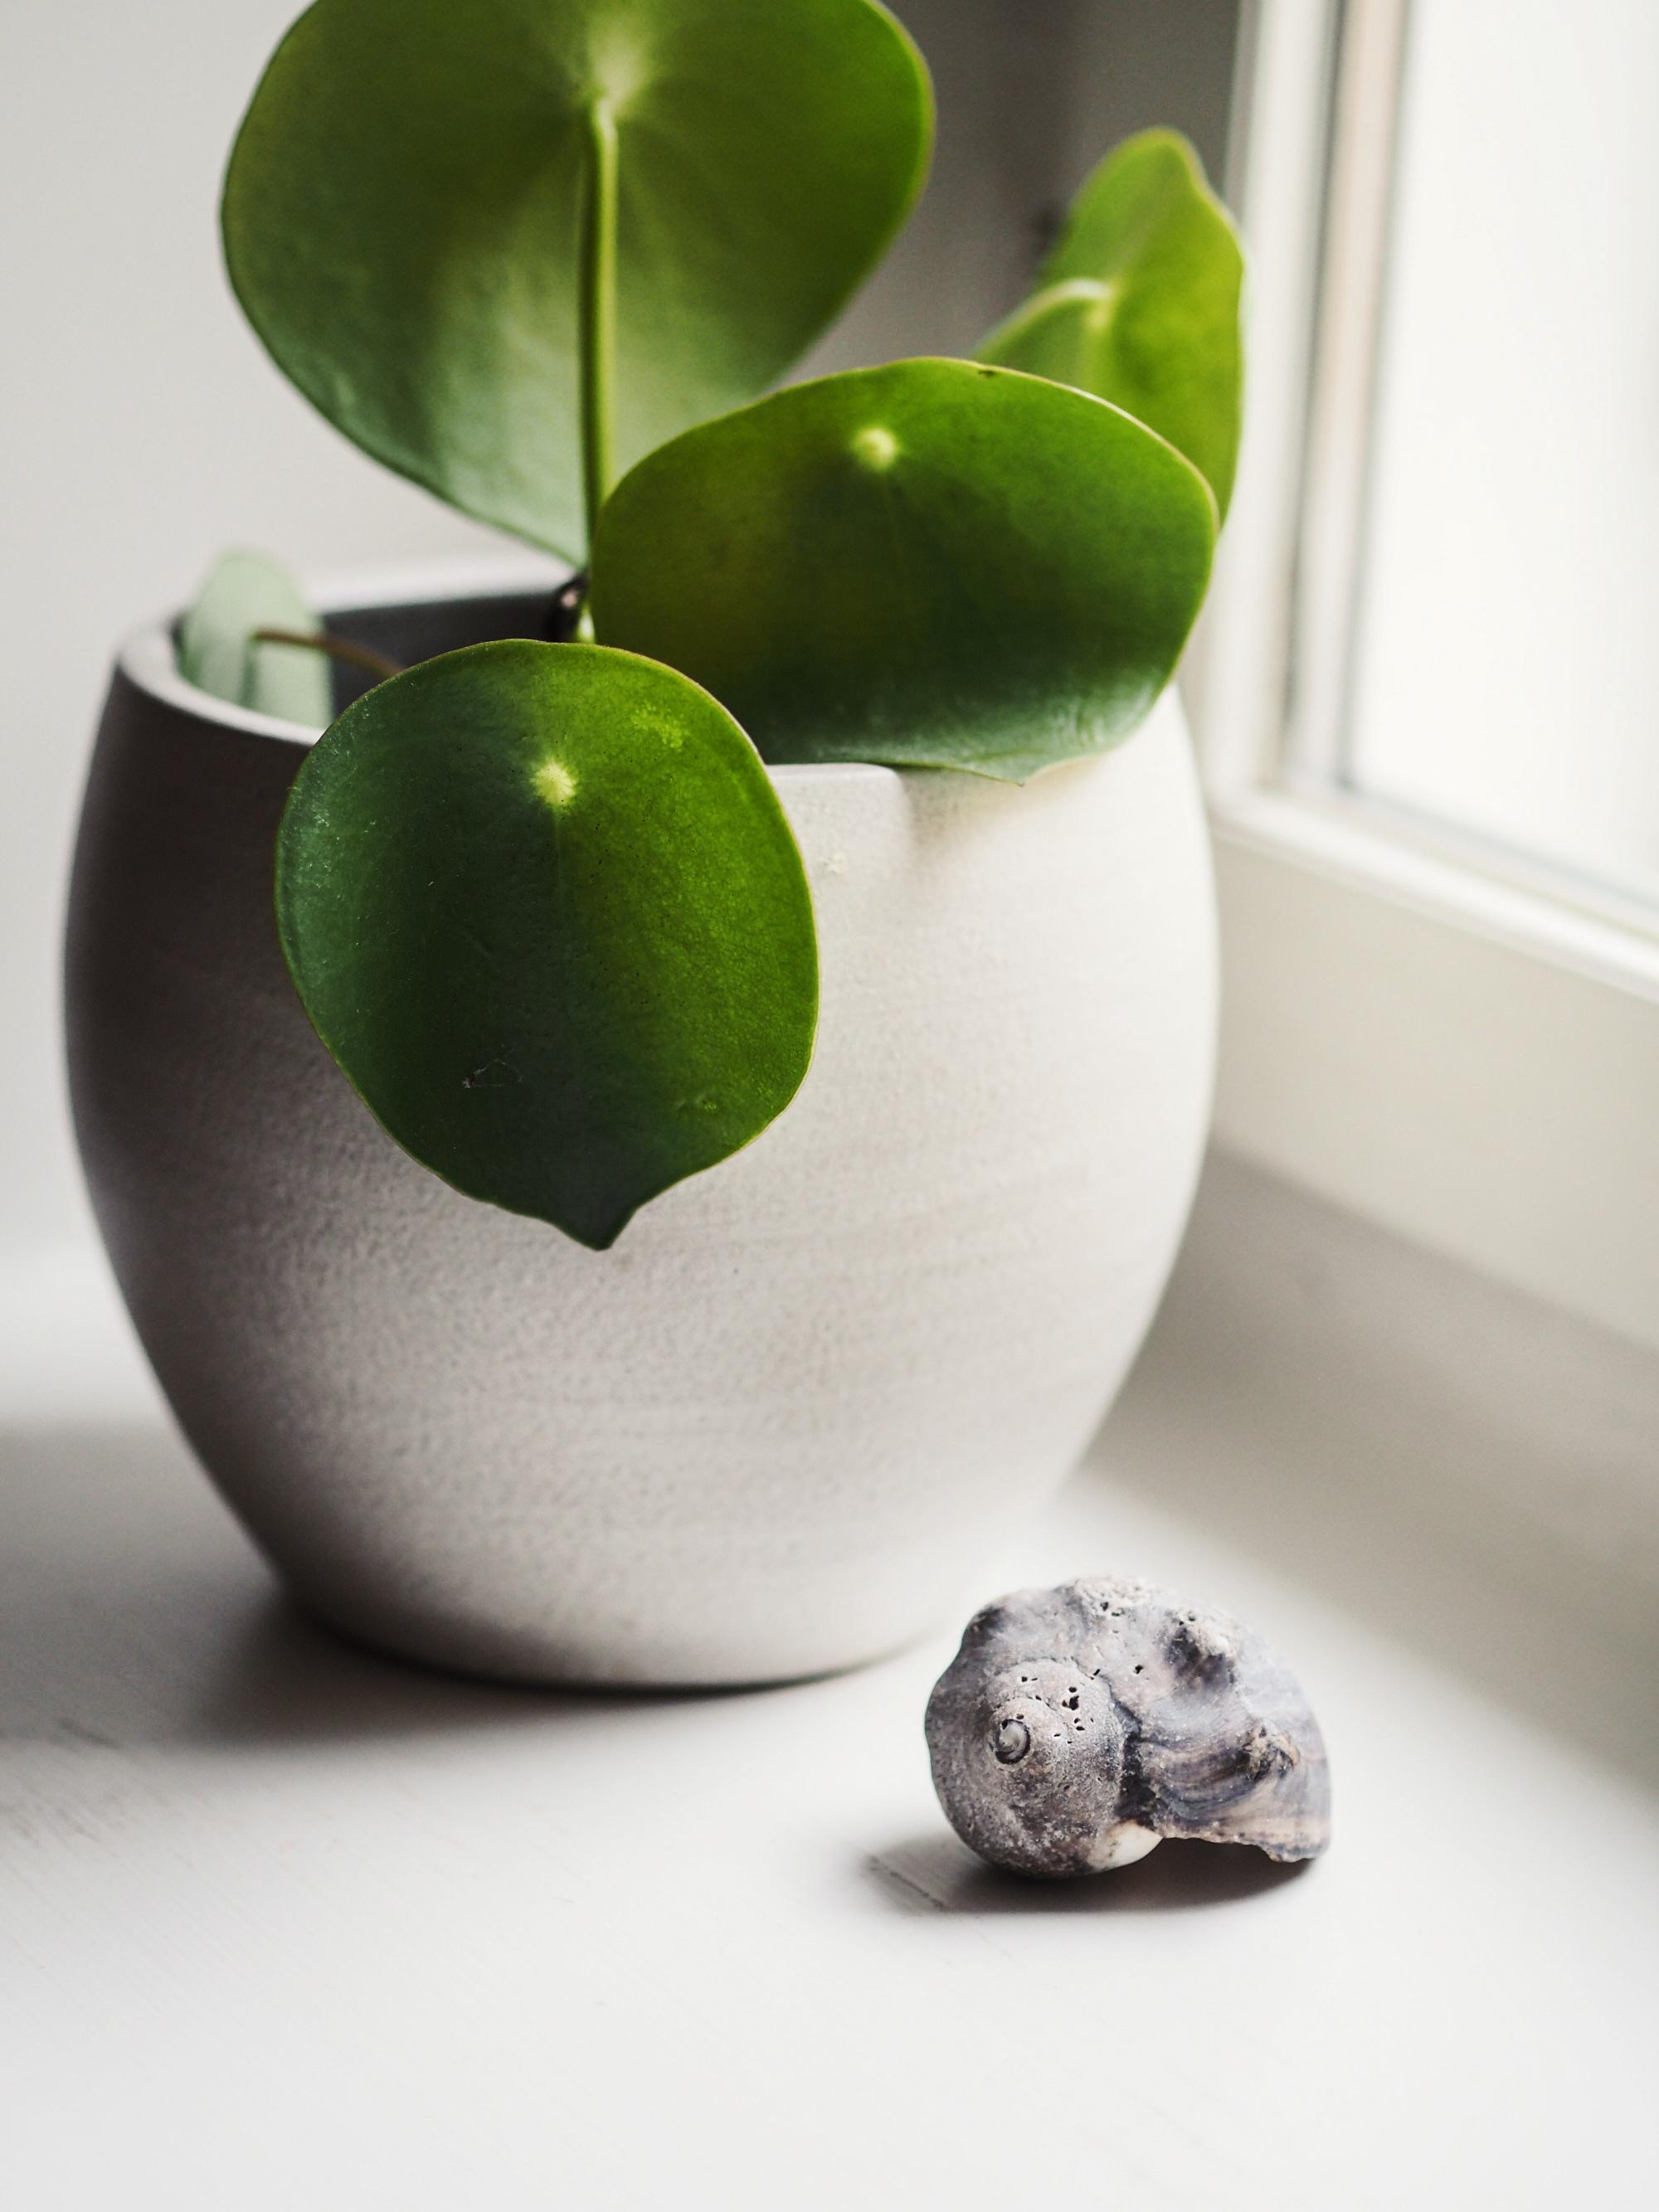 Muorinkukan lehdet ovat pyöreät, pehmeät ja muistuttavat vähän sydäntä - erinomainen valinta makuuhuoneeseen.